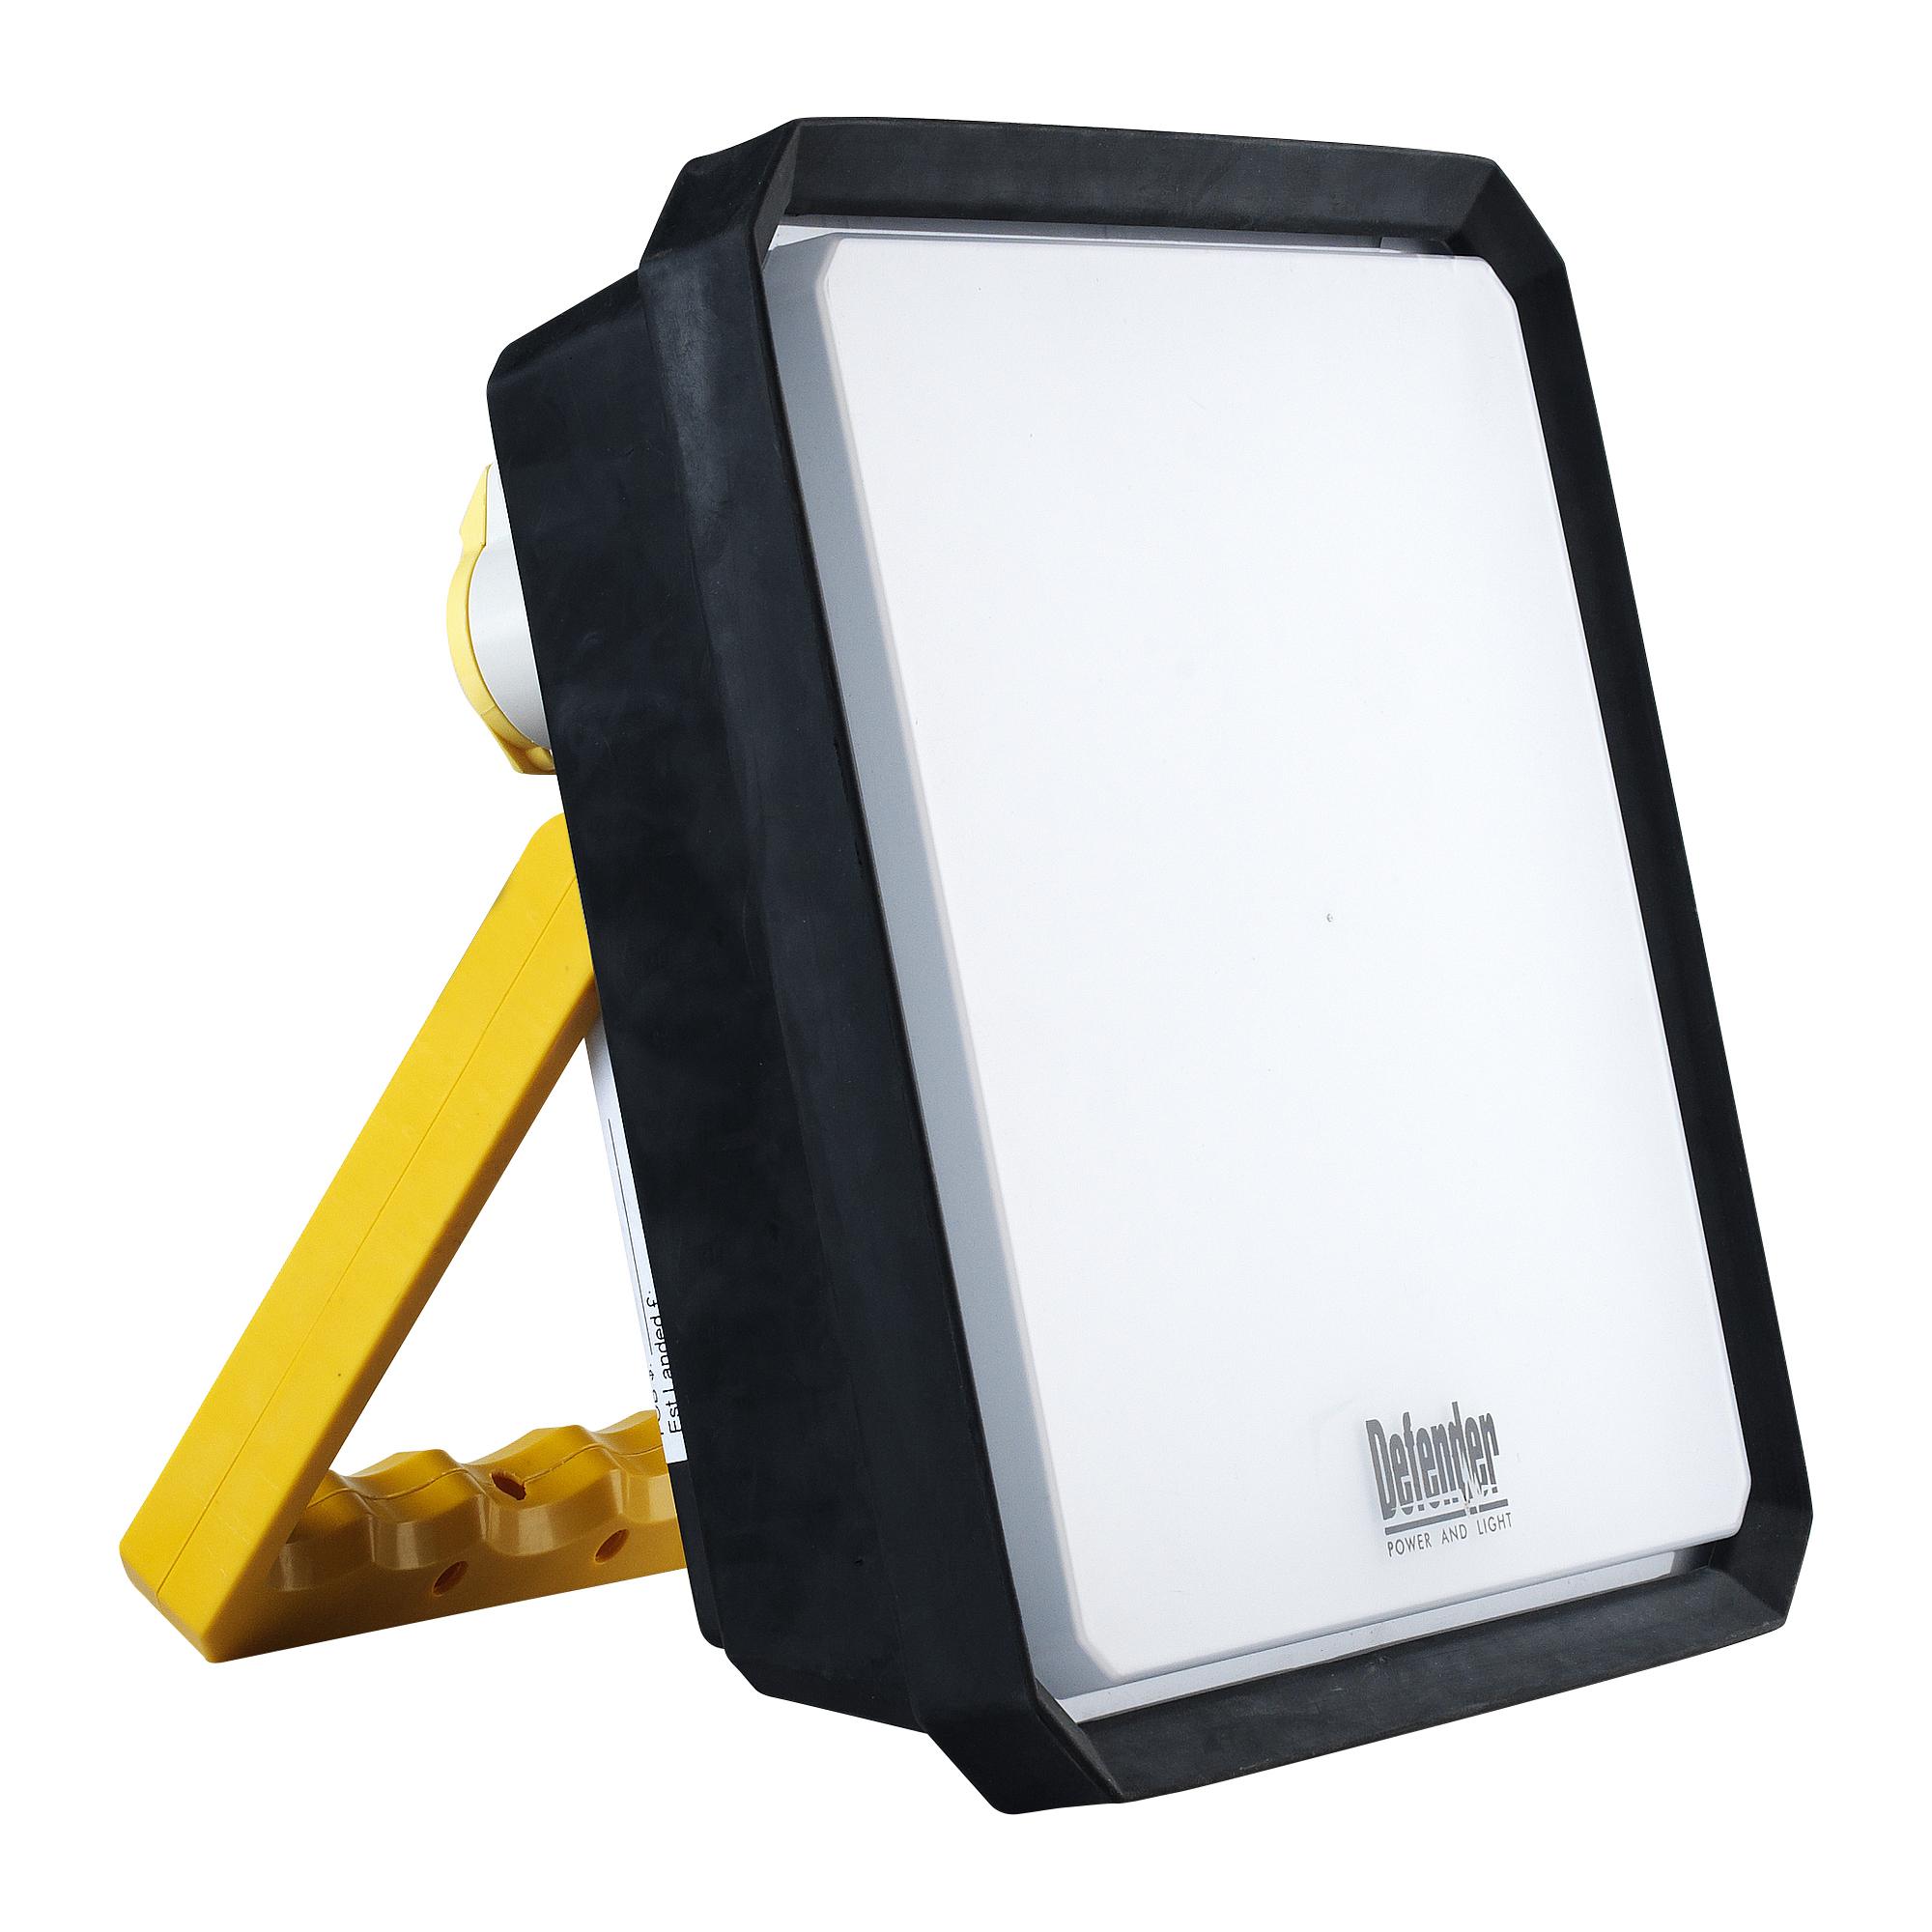 Defender LED Zone Light Floodlight Head Only 110V (E712881)